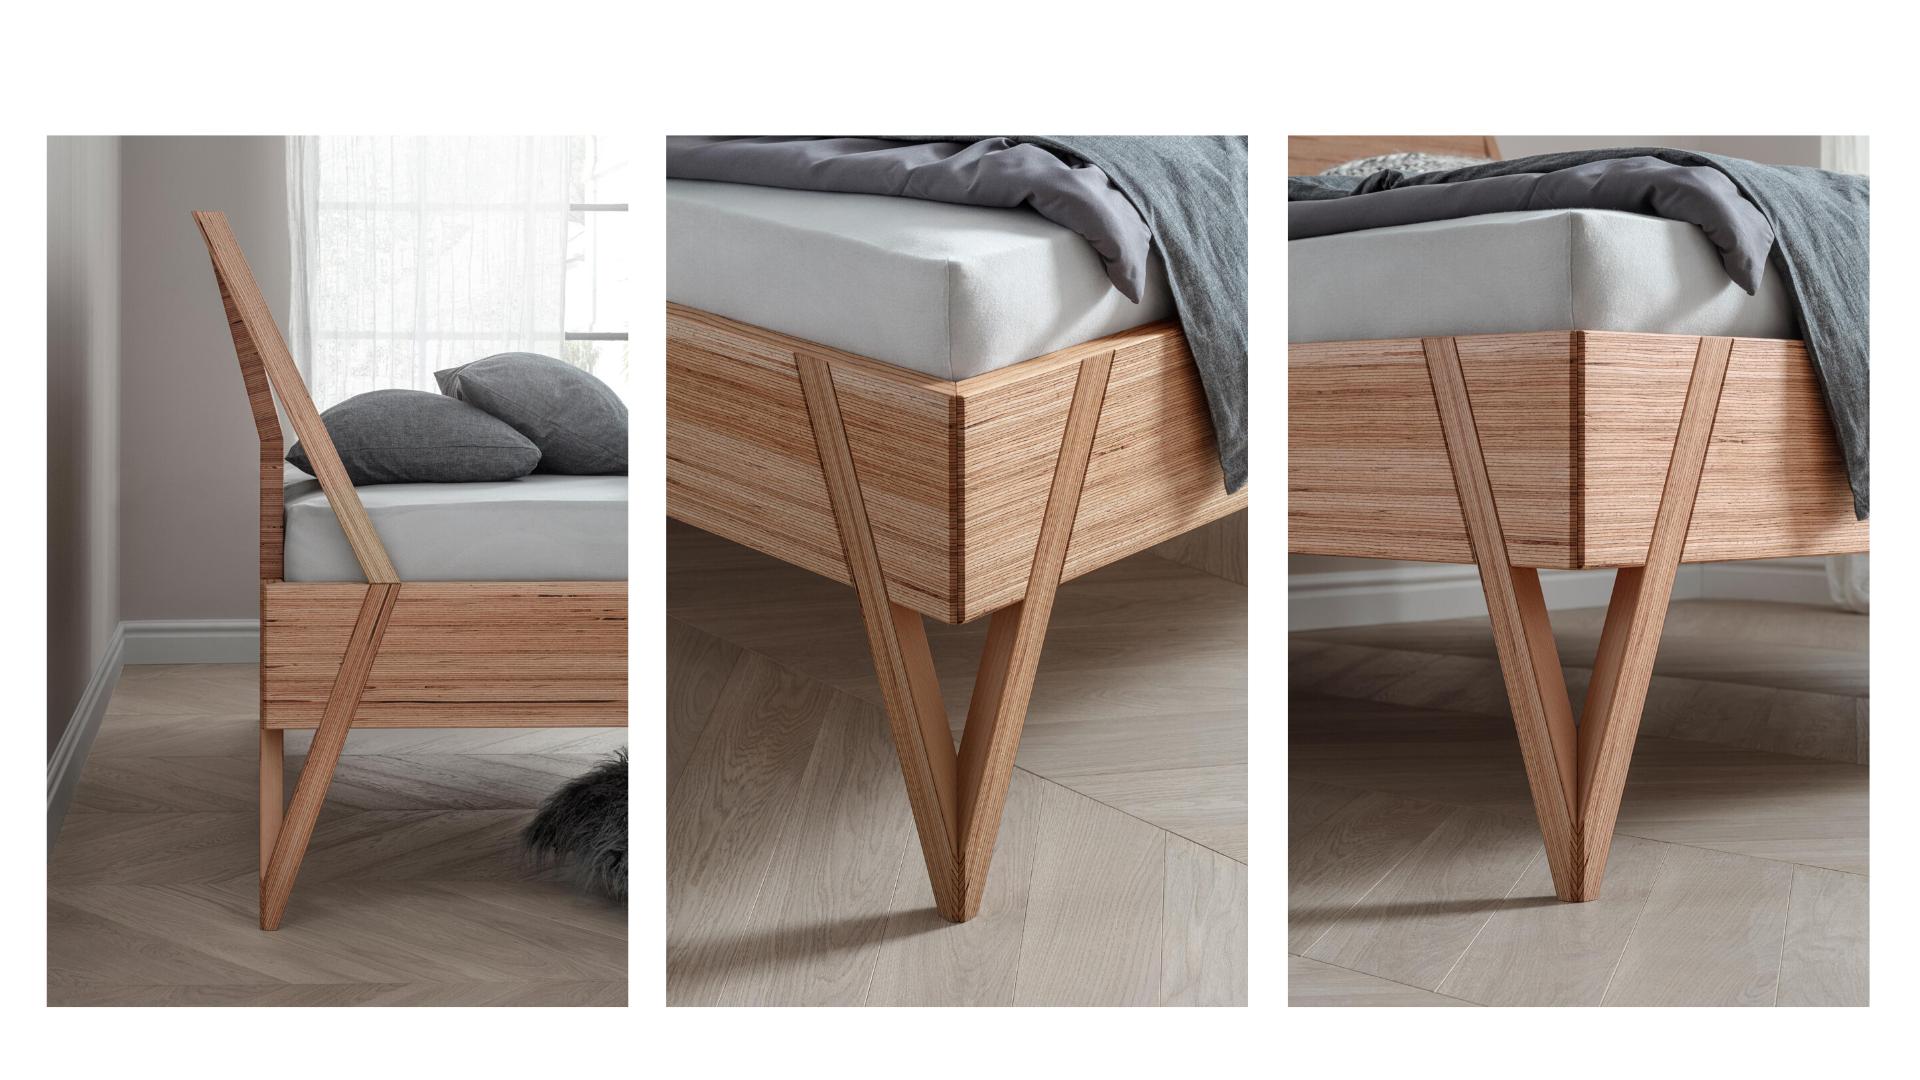 Bed Viva, details